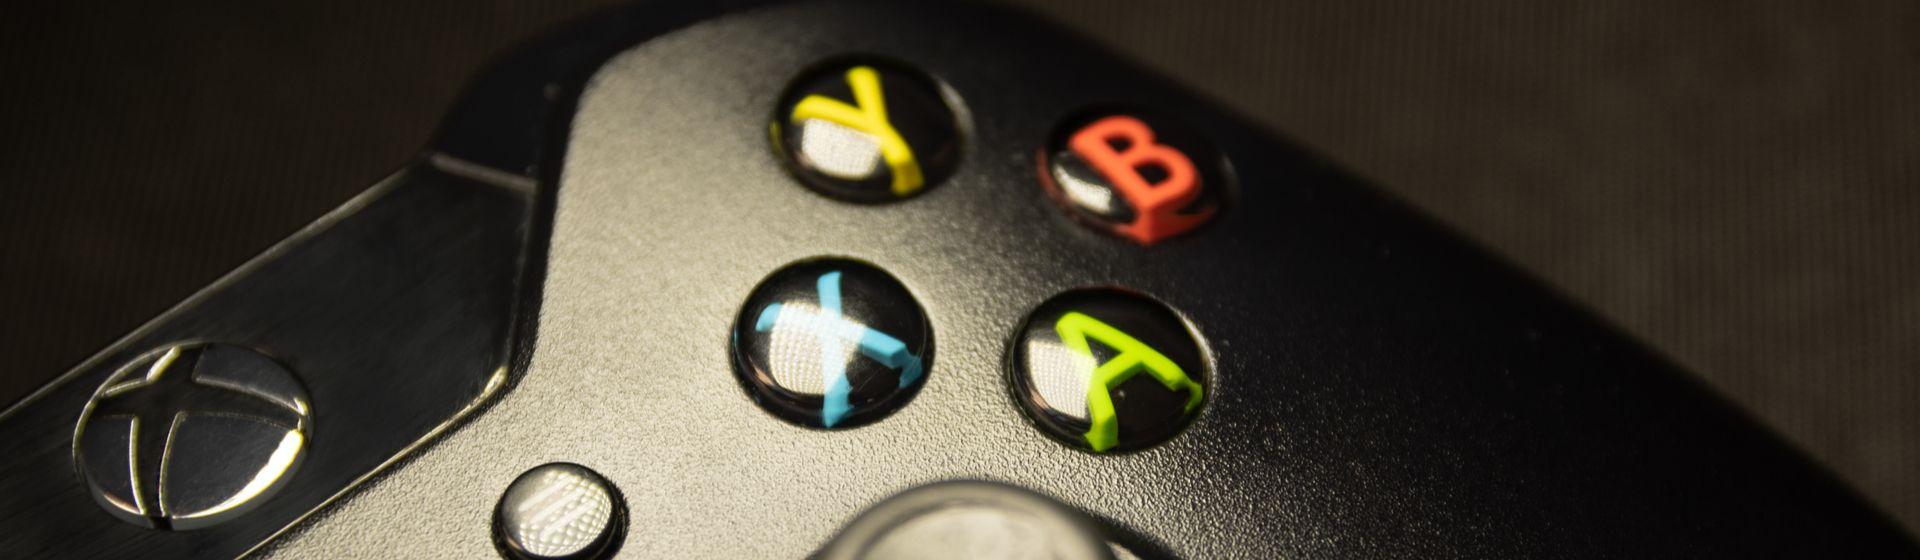 Xbox One vs Xbox 360: conheça as diferenças entre os consoles